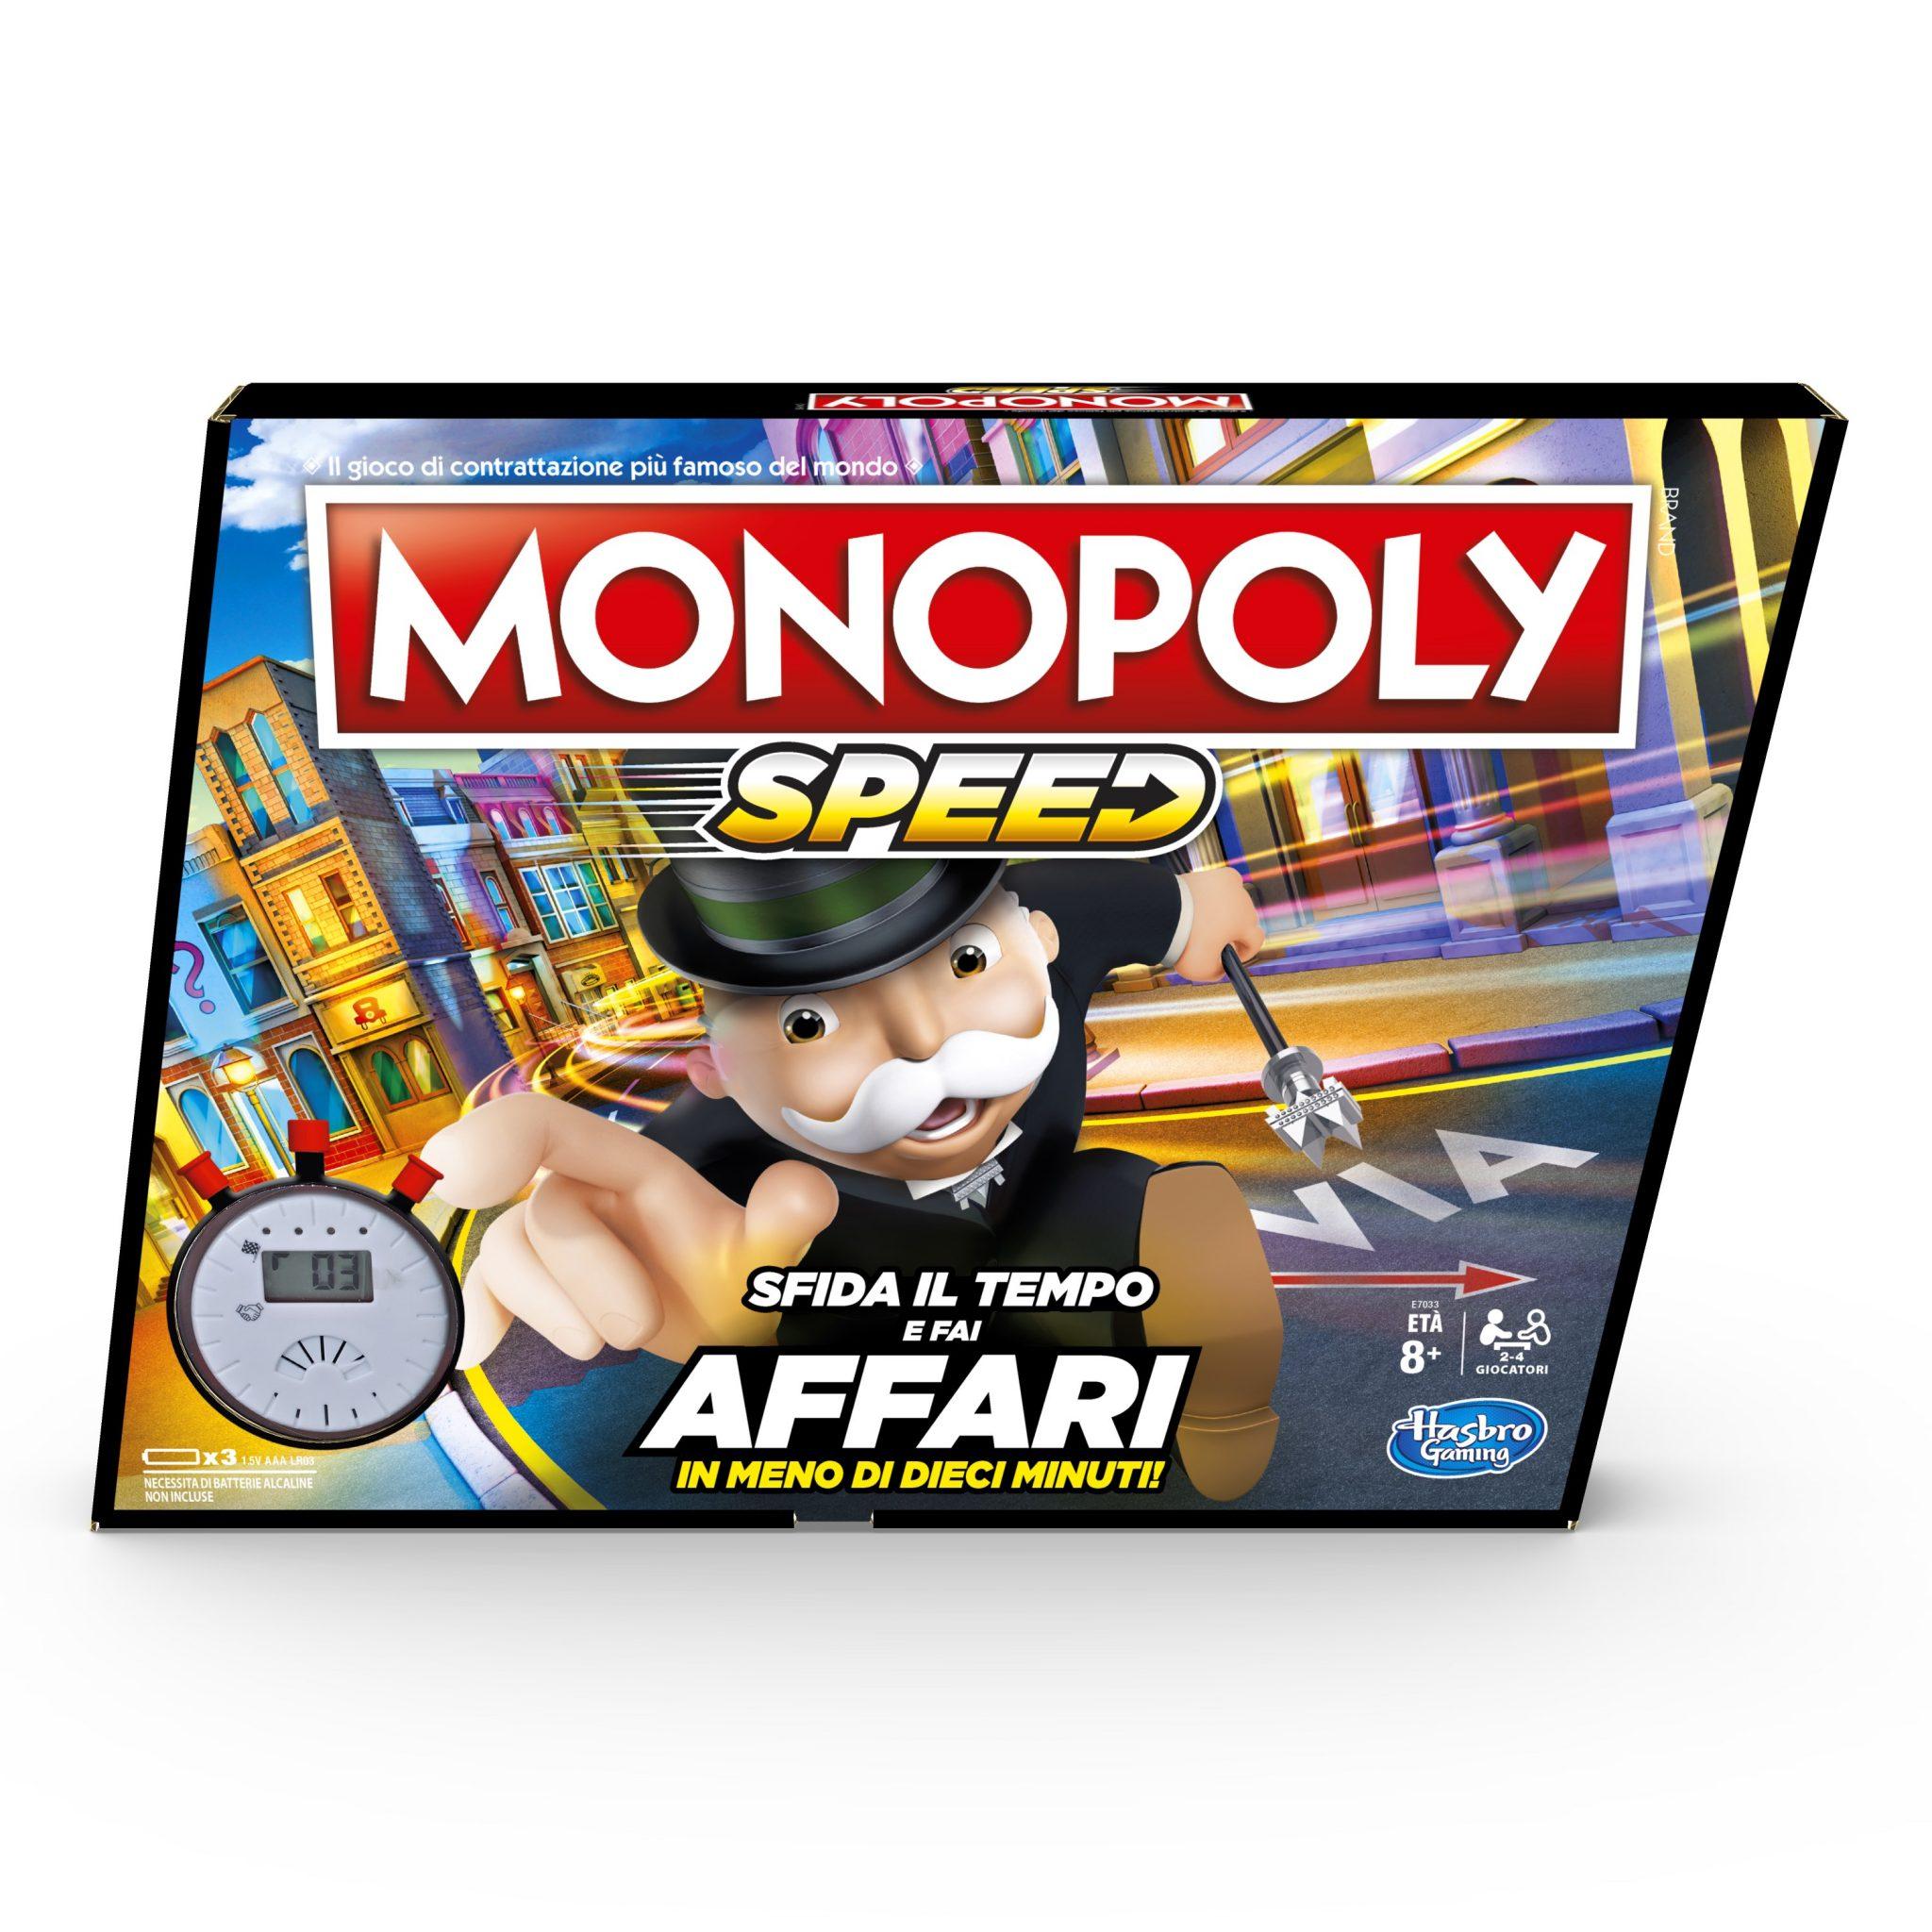 Anche in Italia arriva la versione veloce di Monopoly thumbnail